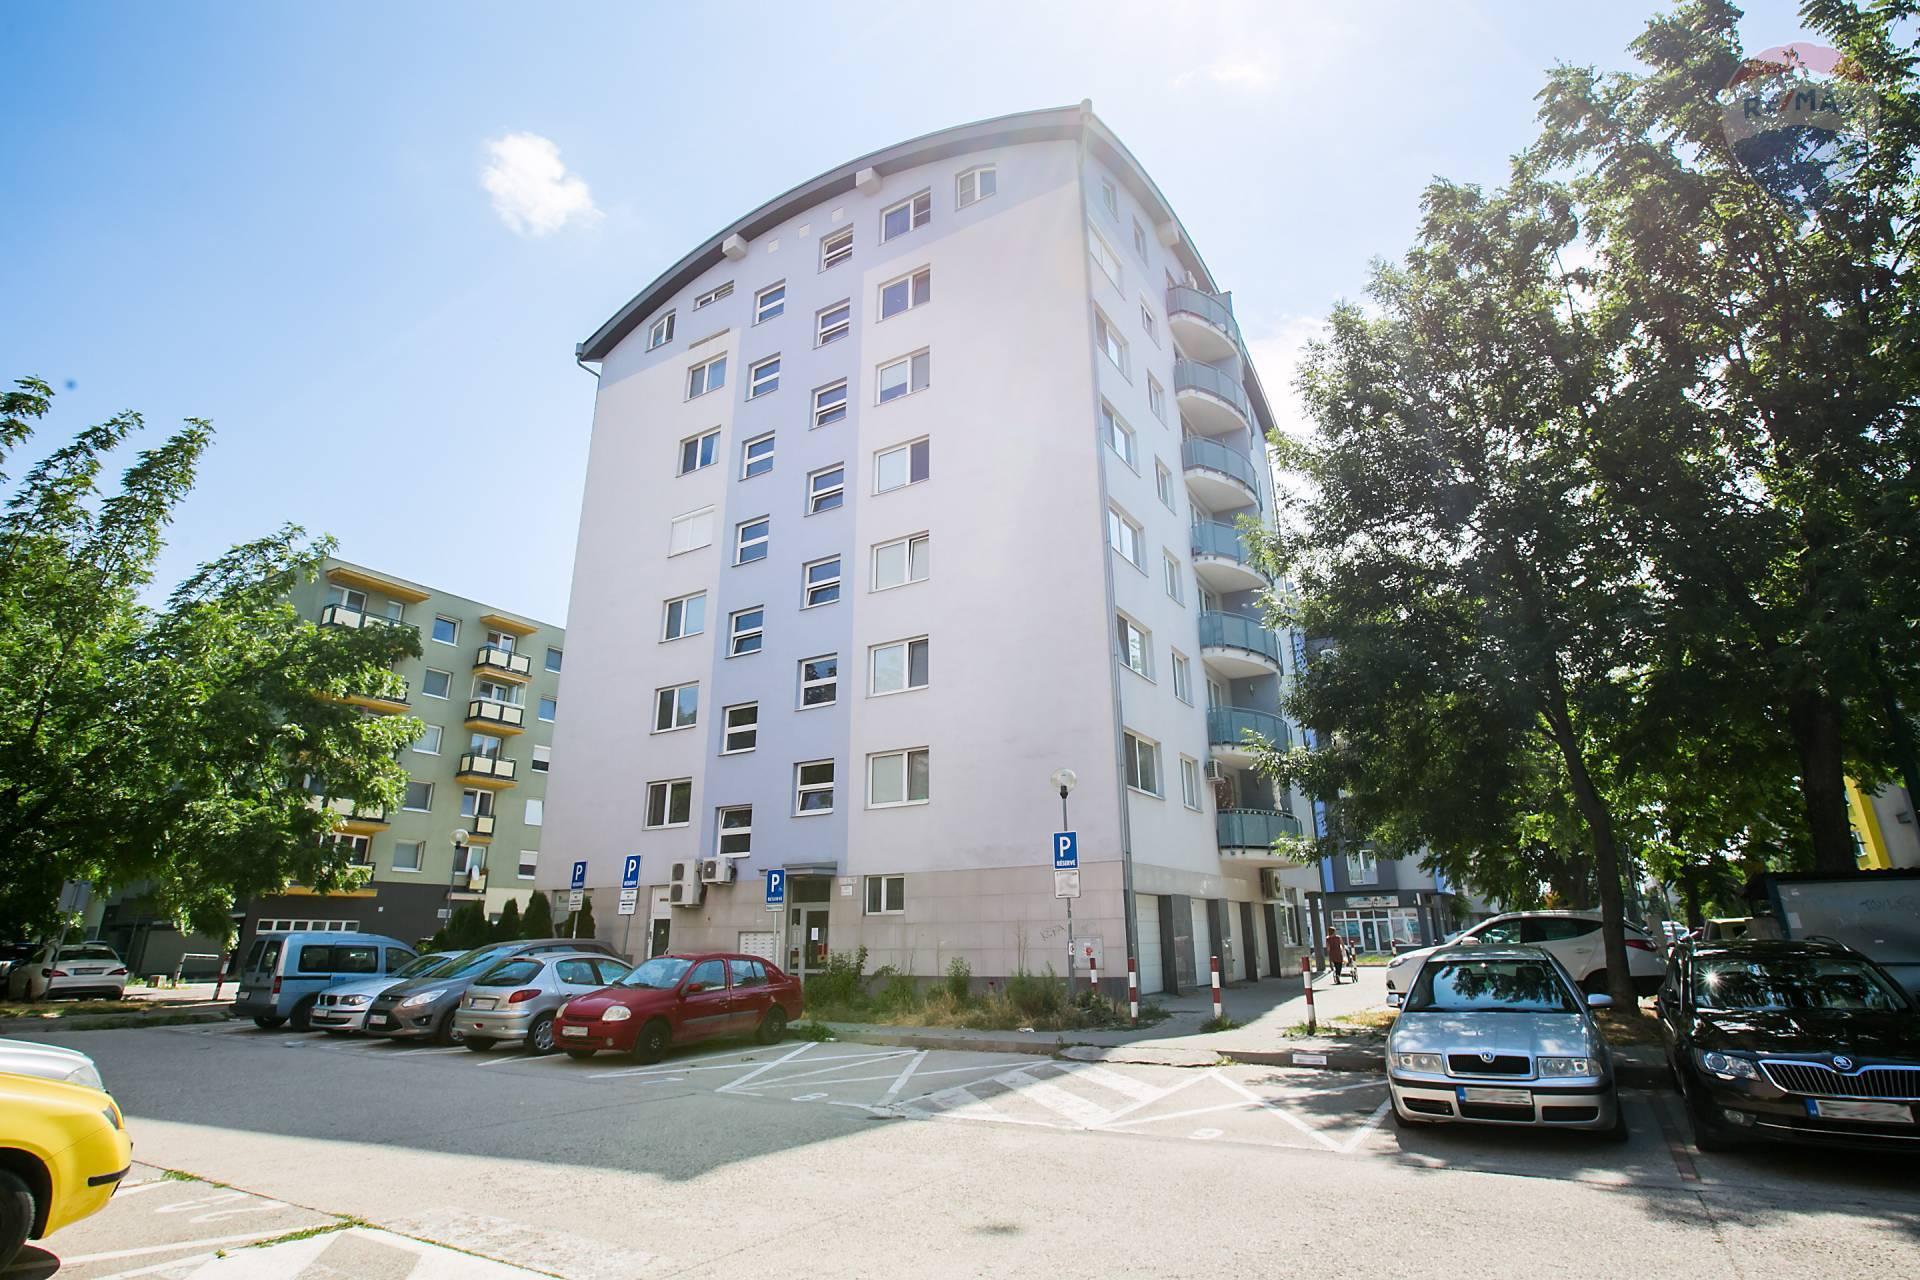 Prenájom bytu (2 izbový) 48 m2, Bratislava - Podunajské Biskupice - bytový dom